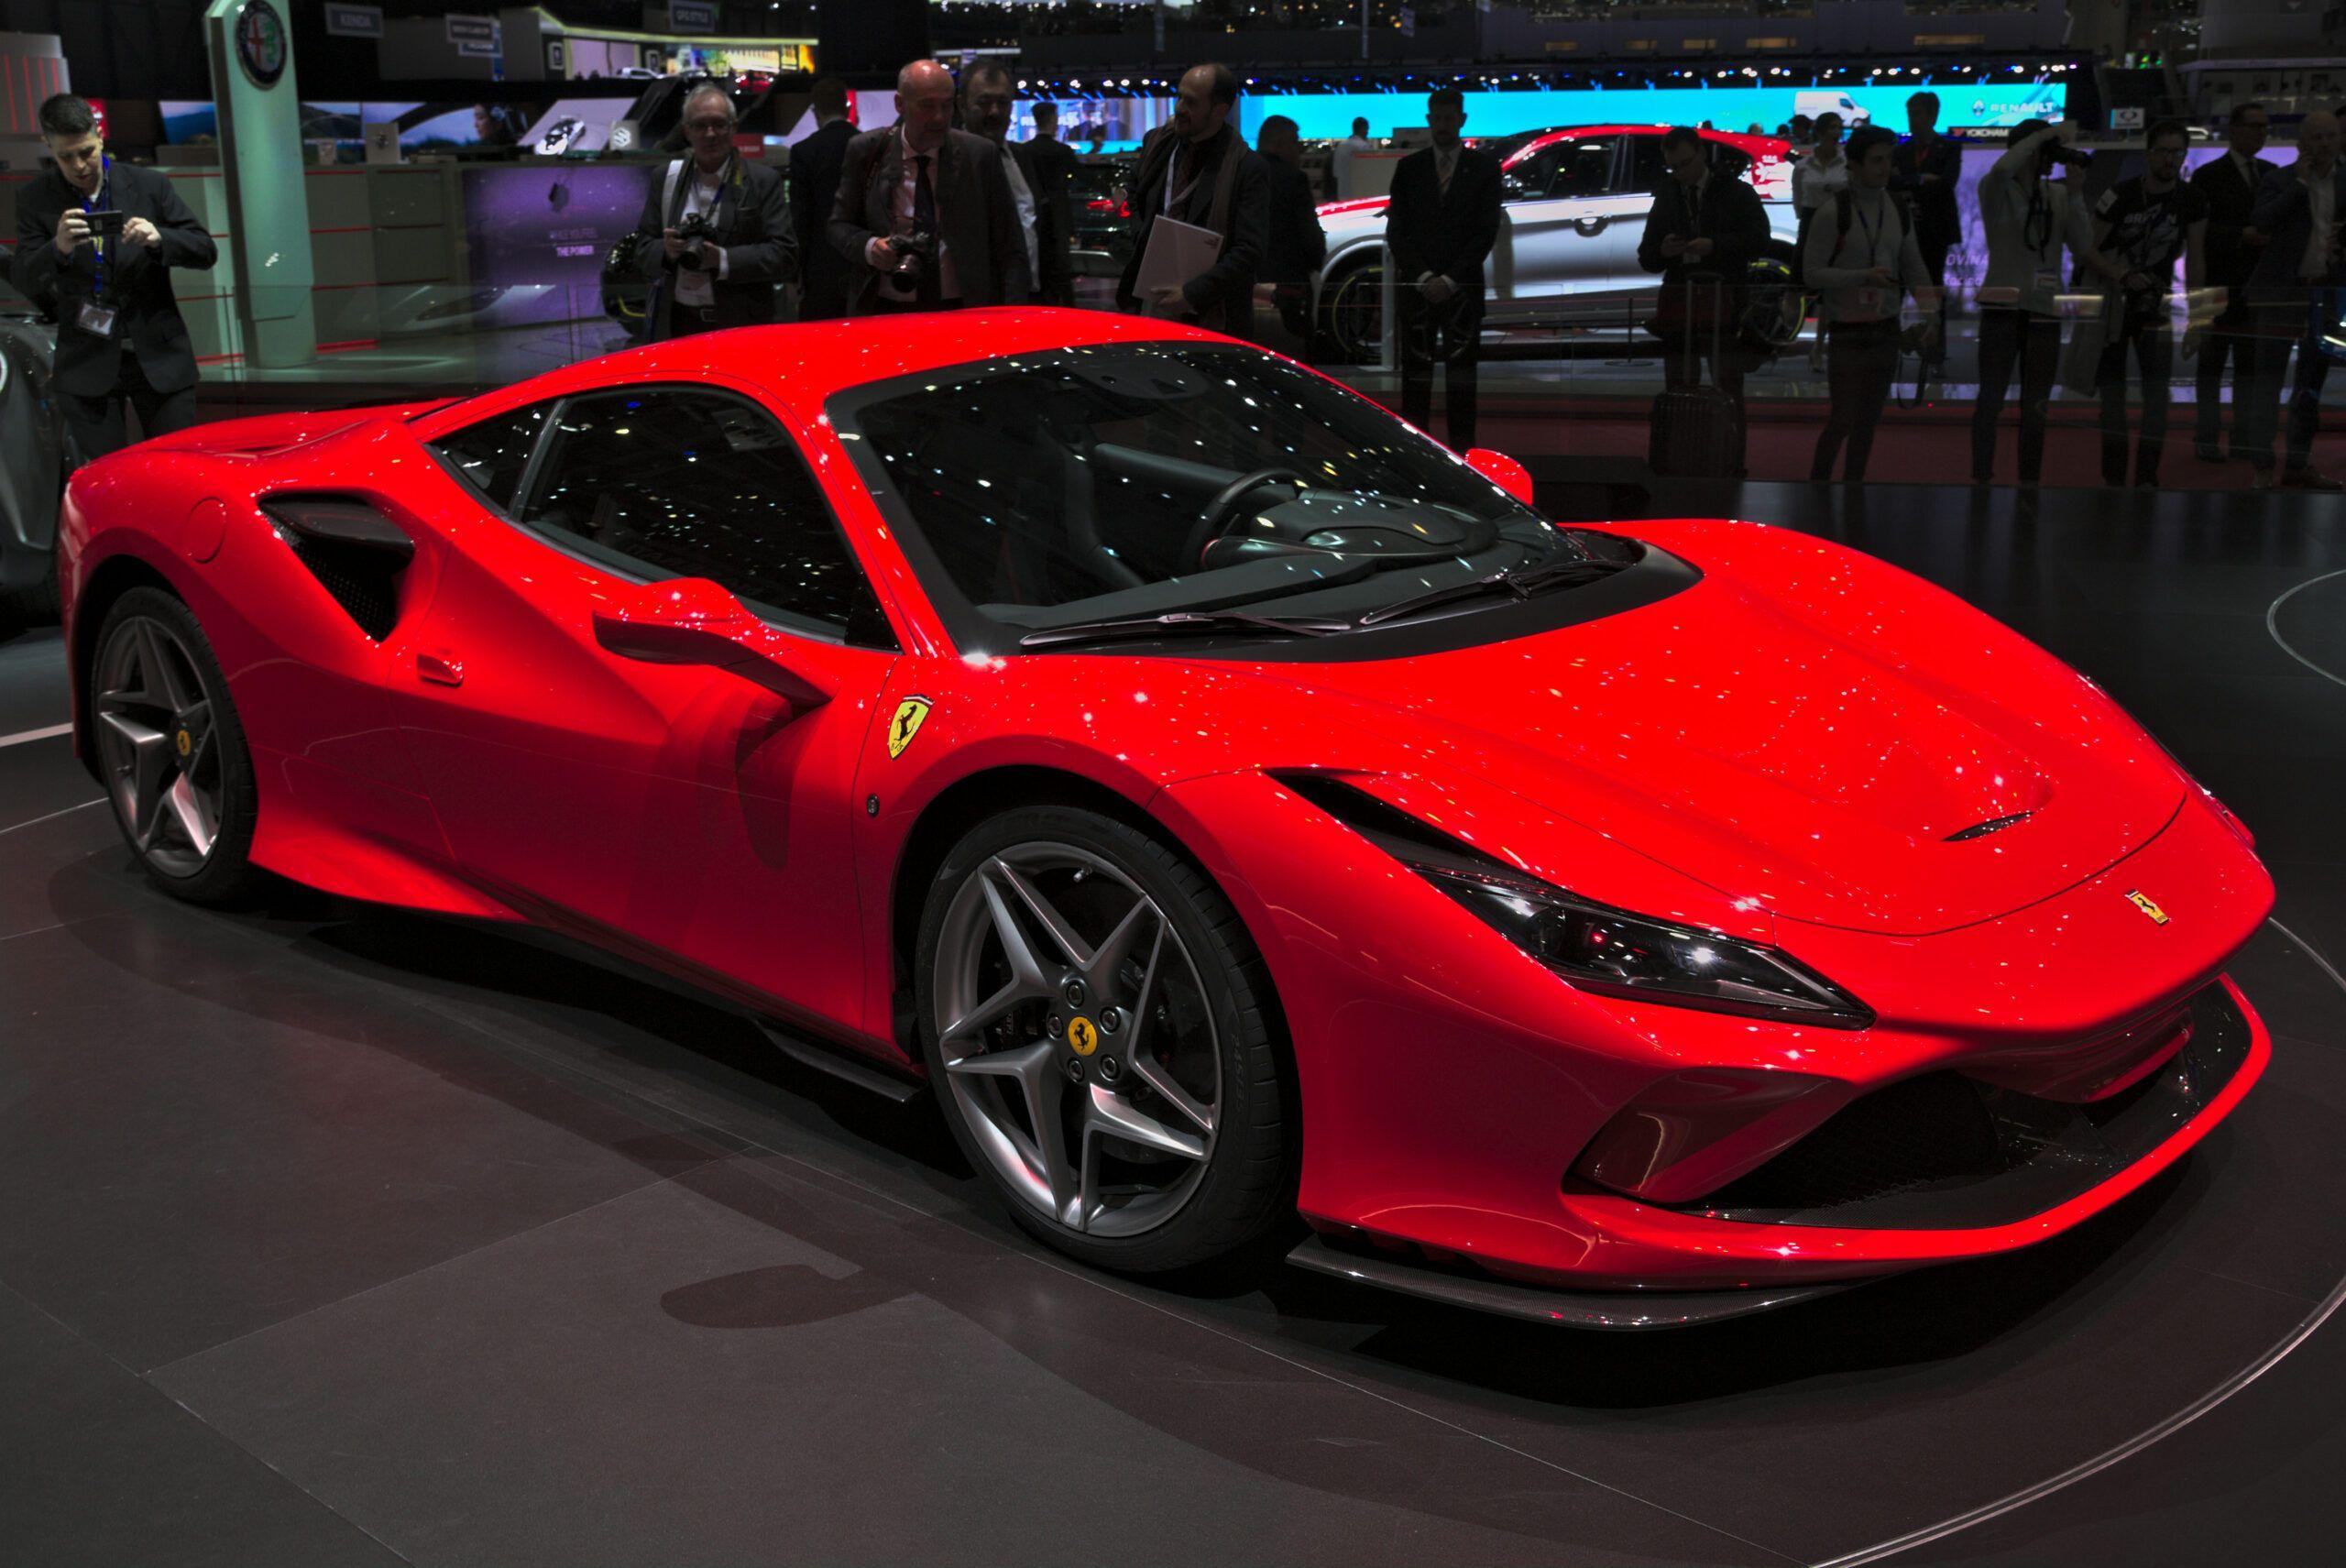 2020 Ferrari Top Speed In 2020 Ferrari Car Ferrari Ferrari 458